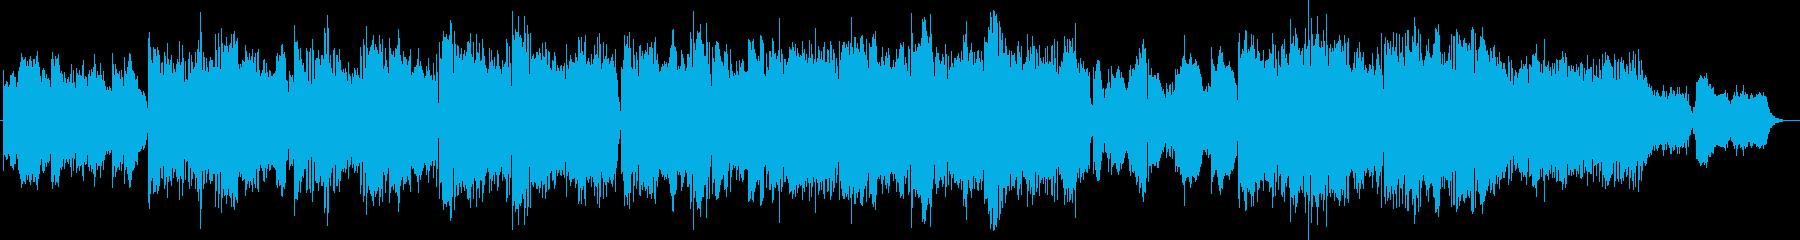 Futuristic techno pop music's reproduced waveform